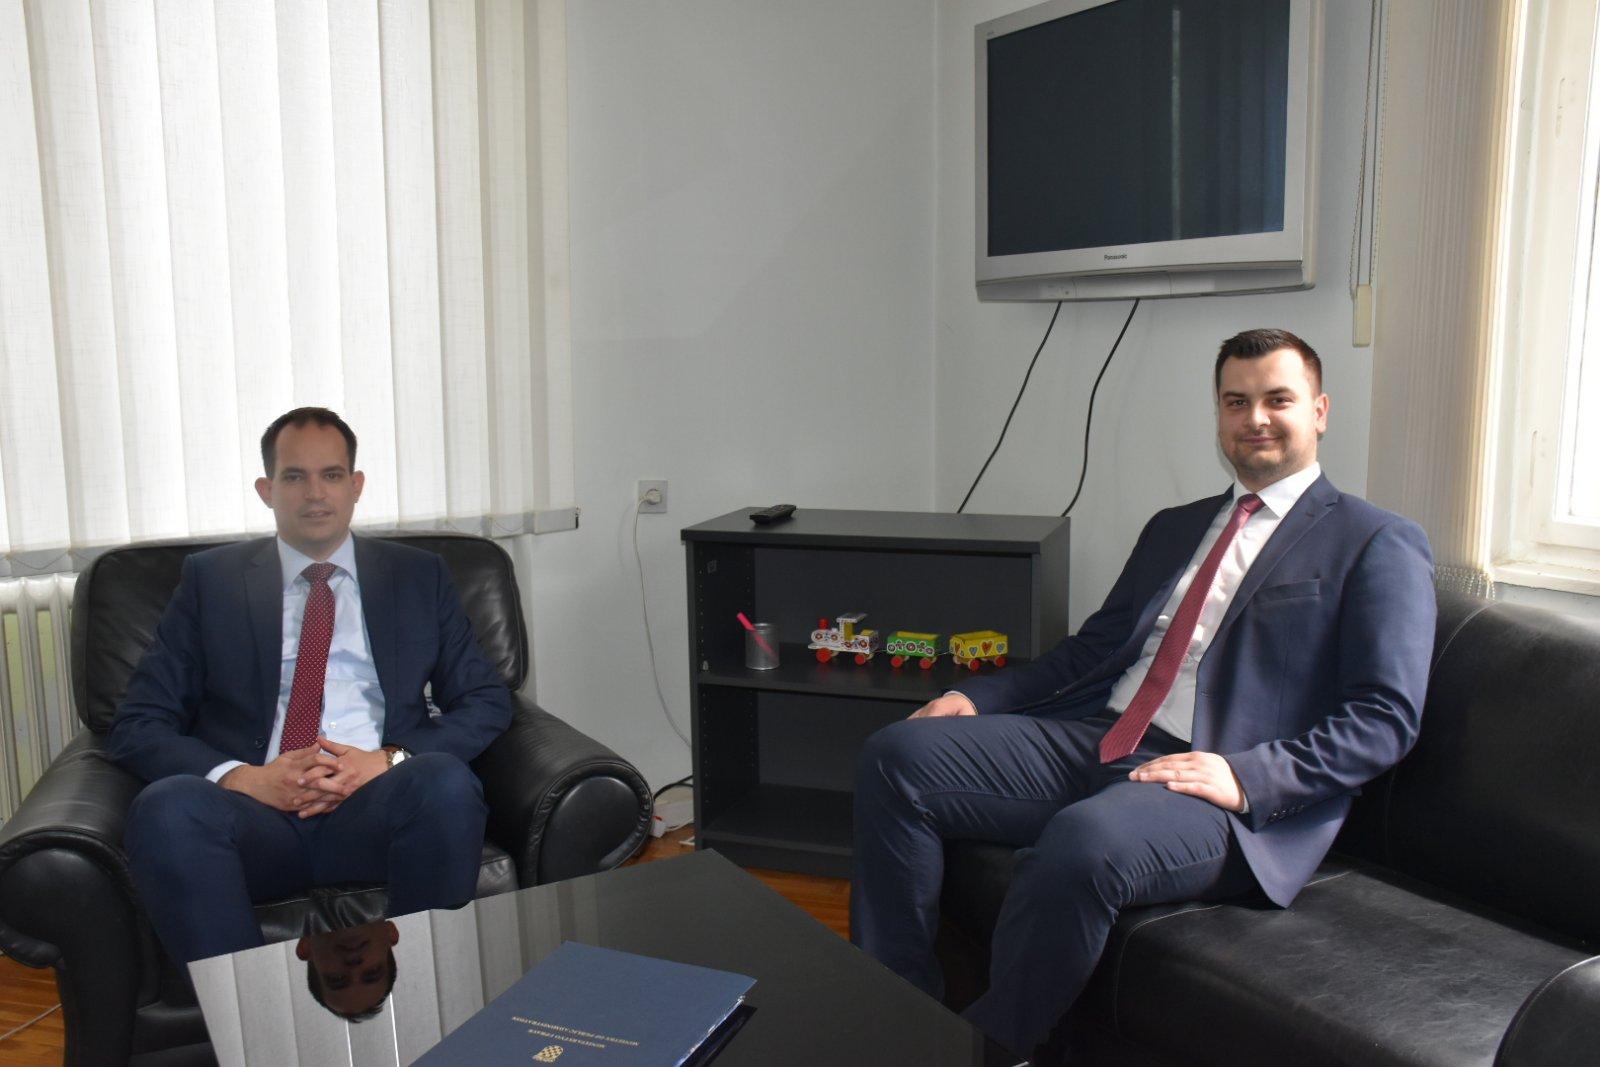 Predsjednik Vijeća Armin Hodžić održao sastanak s ministrom uprave Ivanom Malenicom